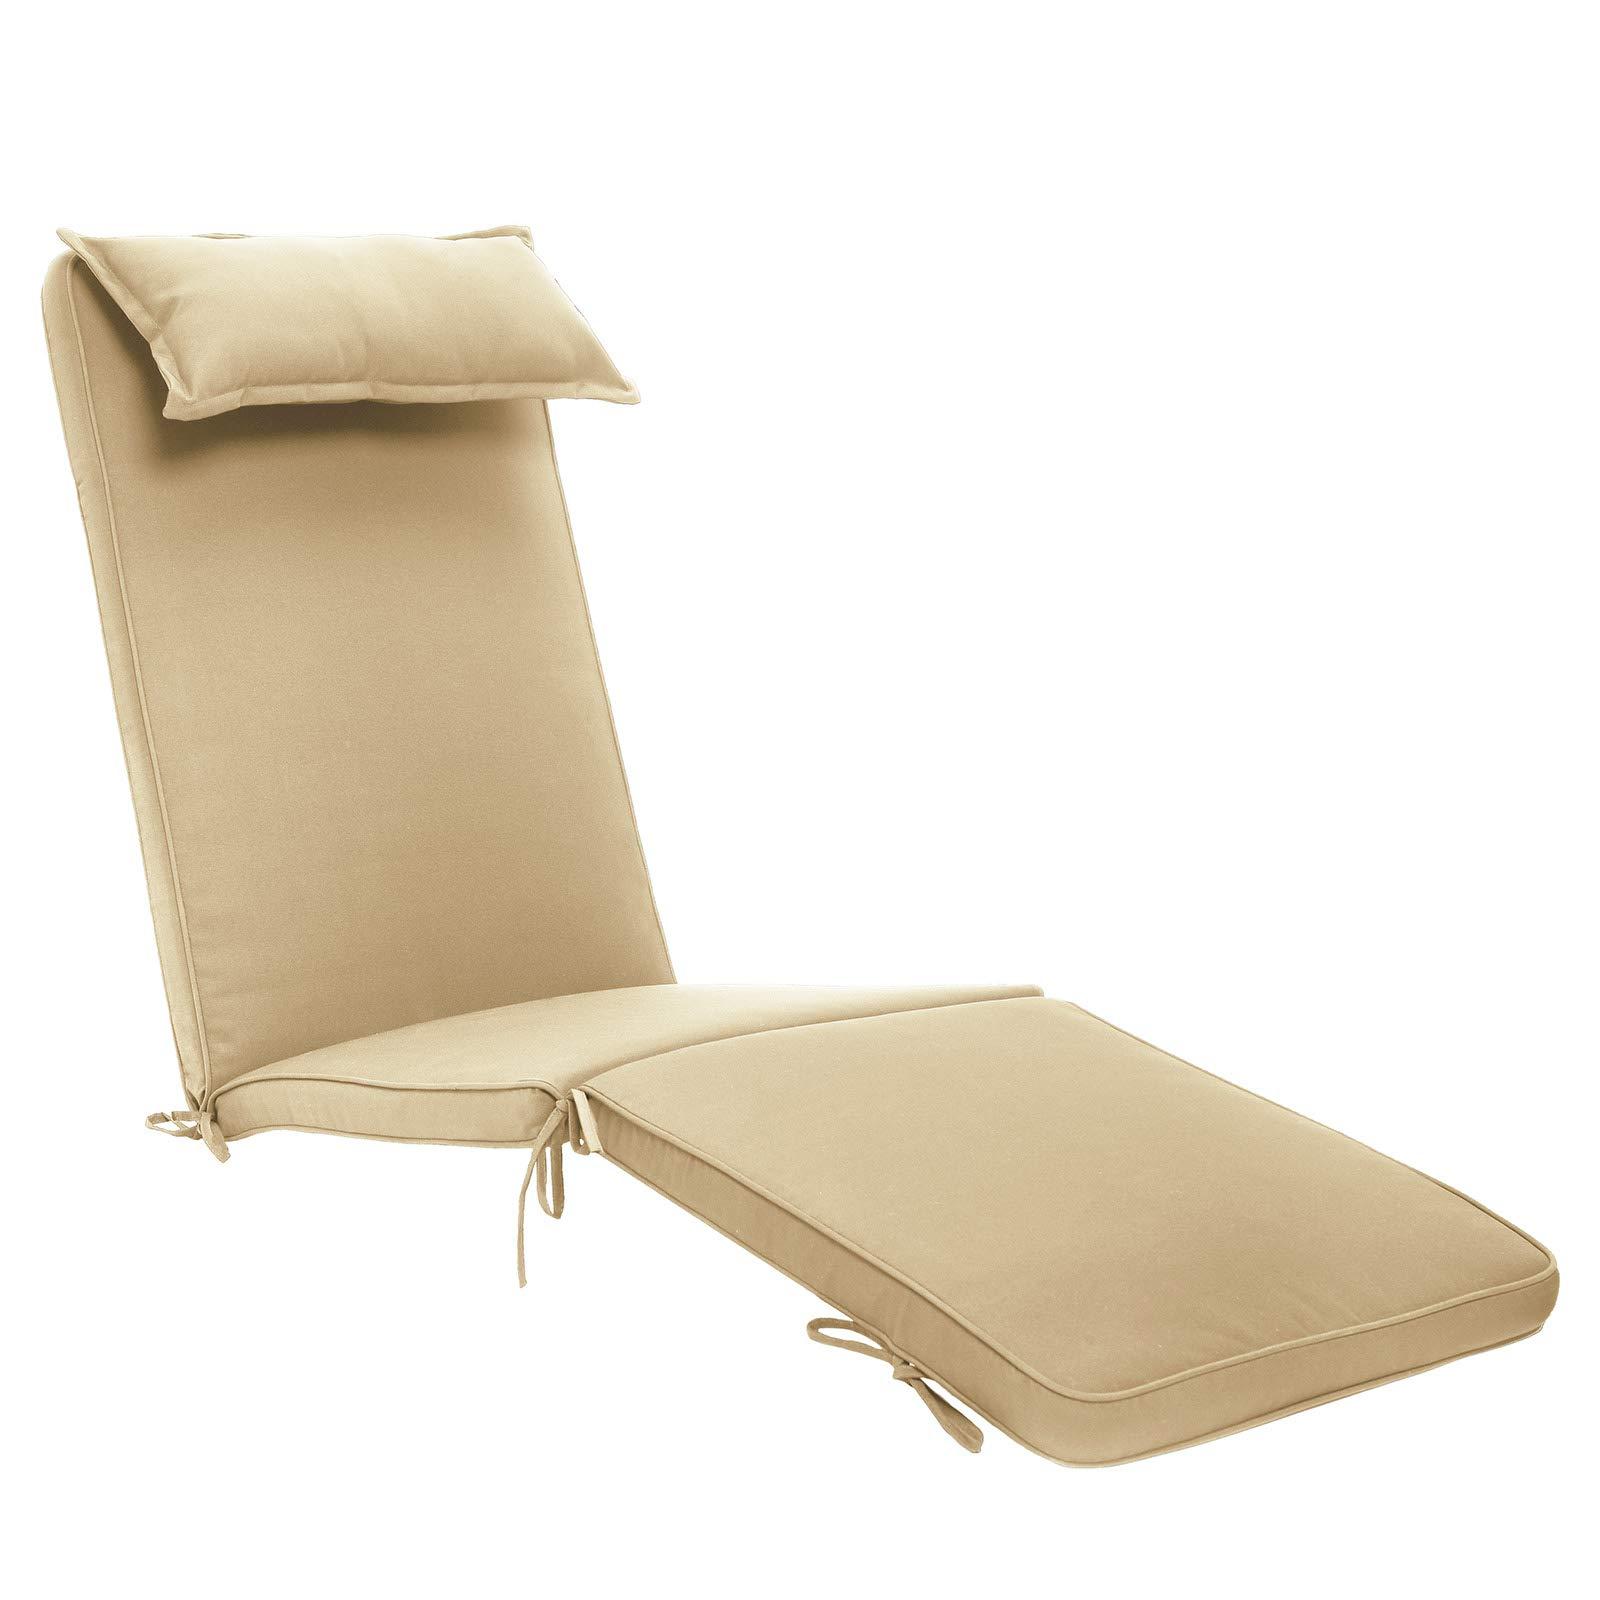 Outdoor Garden Chair Cushion 6x Patio Cushion Pads 43cm X 39cm X 5cm In Cream